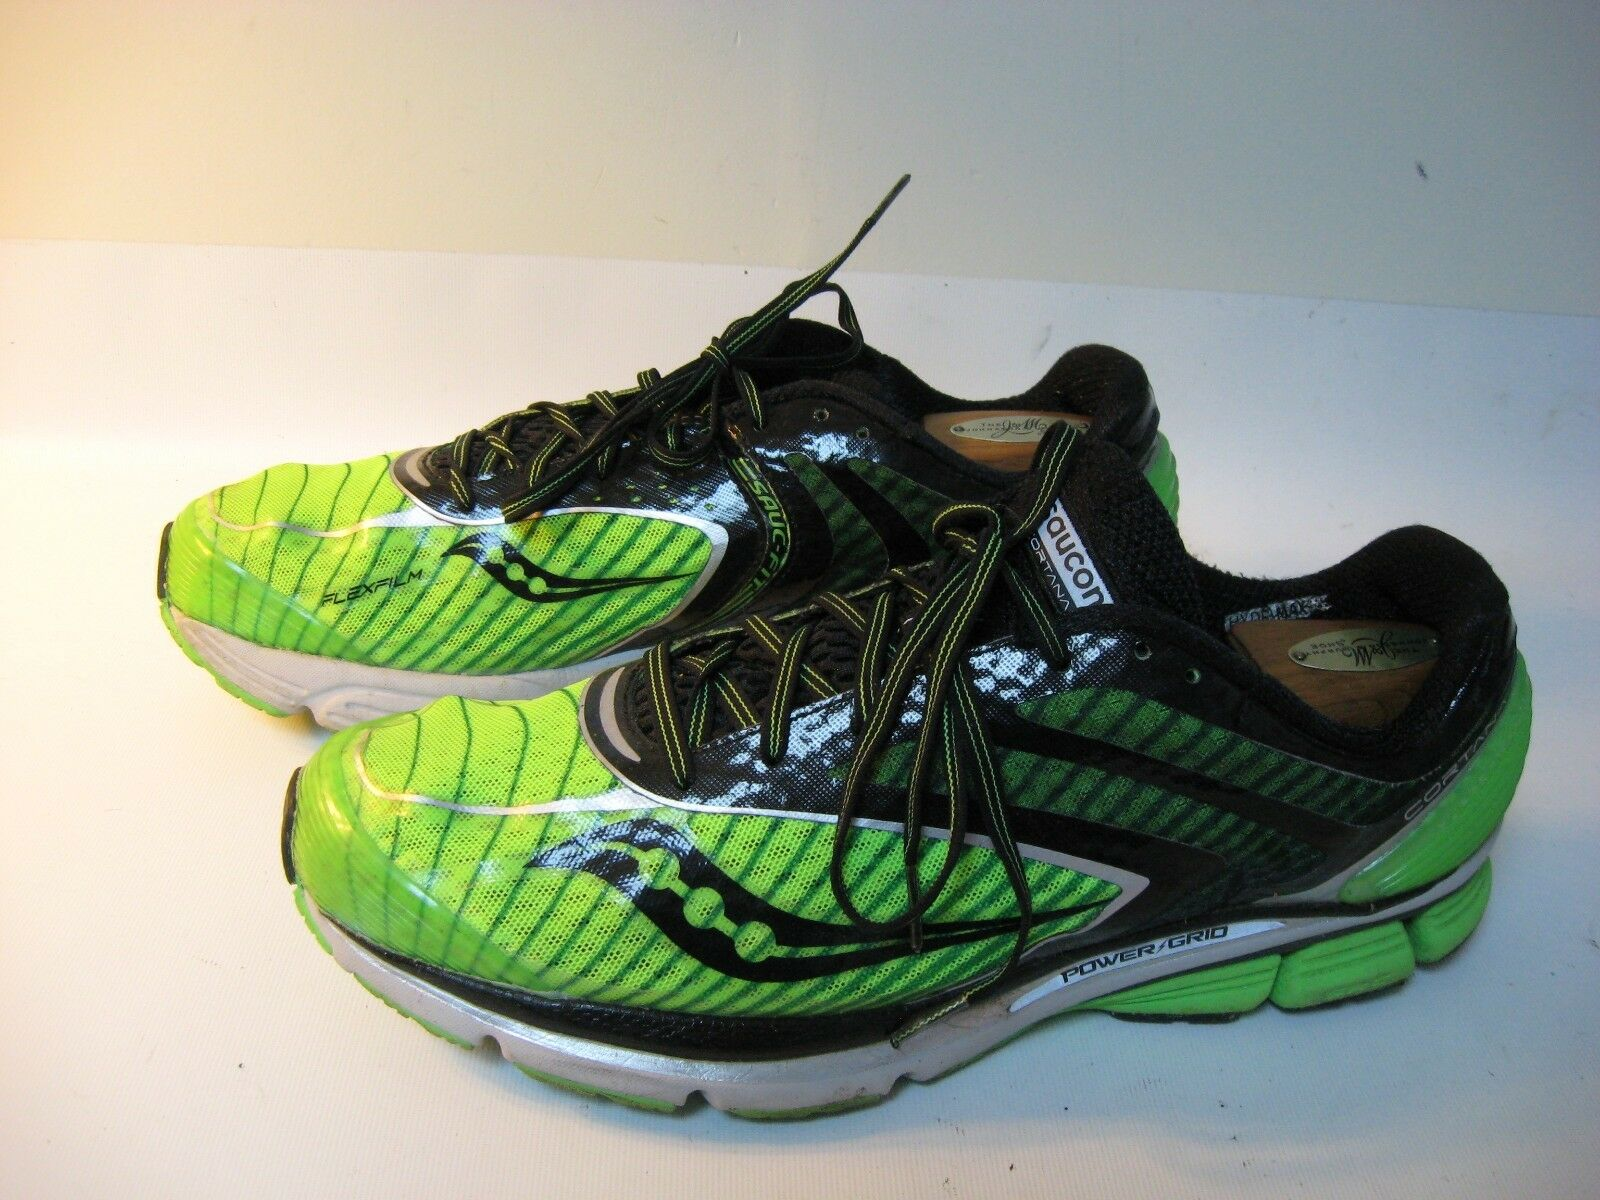 Saucony Running shoes Cortana 3 Men's Green Lightweight - US 11